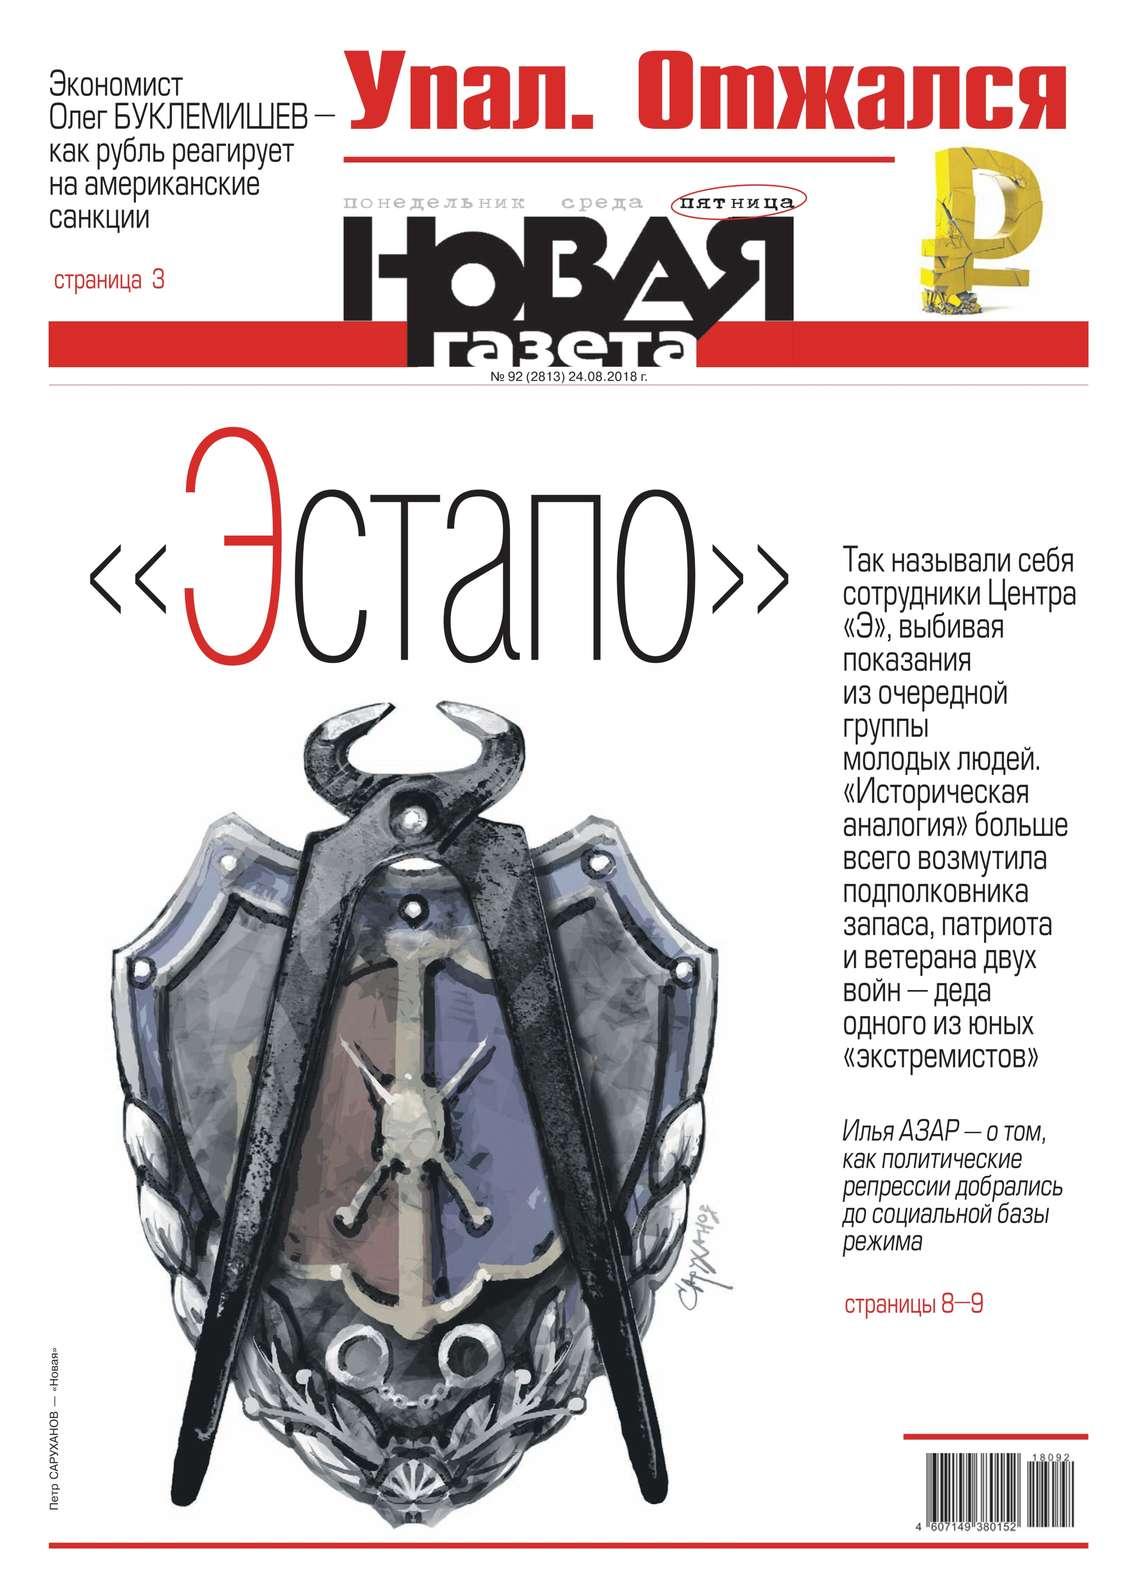 Редакция газеты Новая Газета Новая Газета 92-2018 bret harte selected stories of bret harte